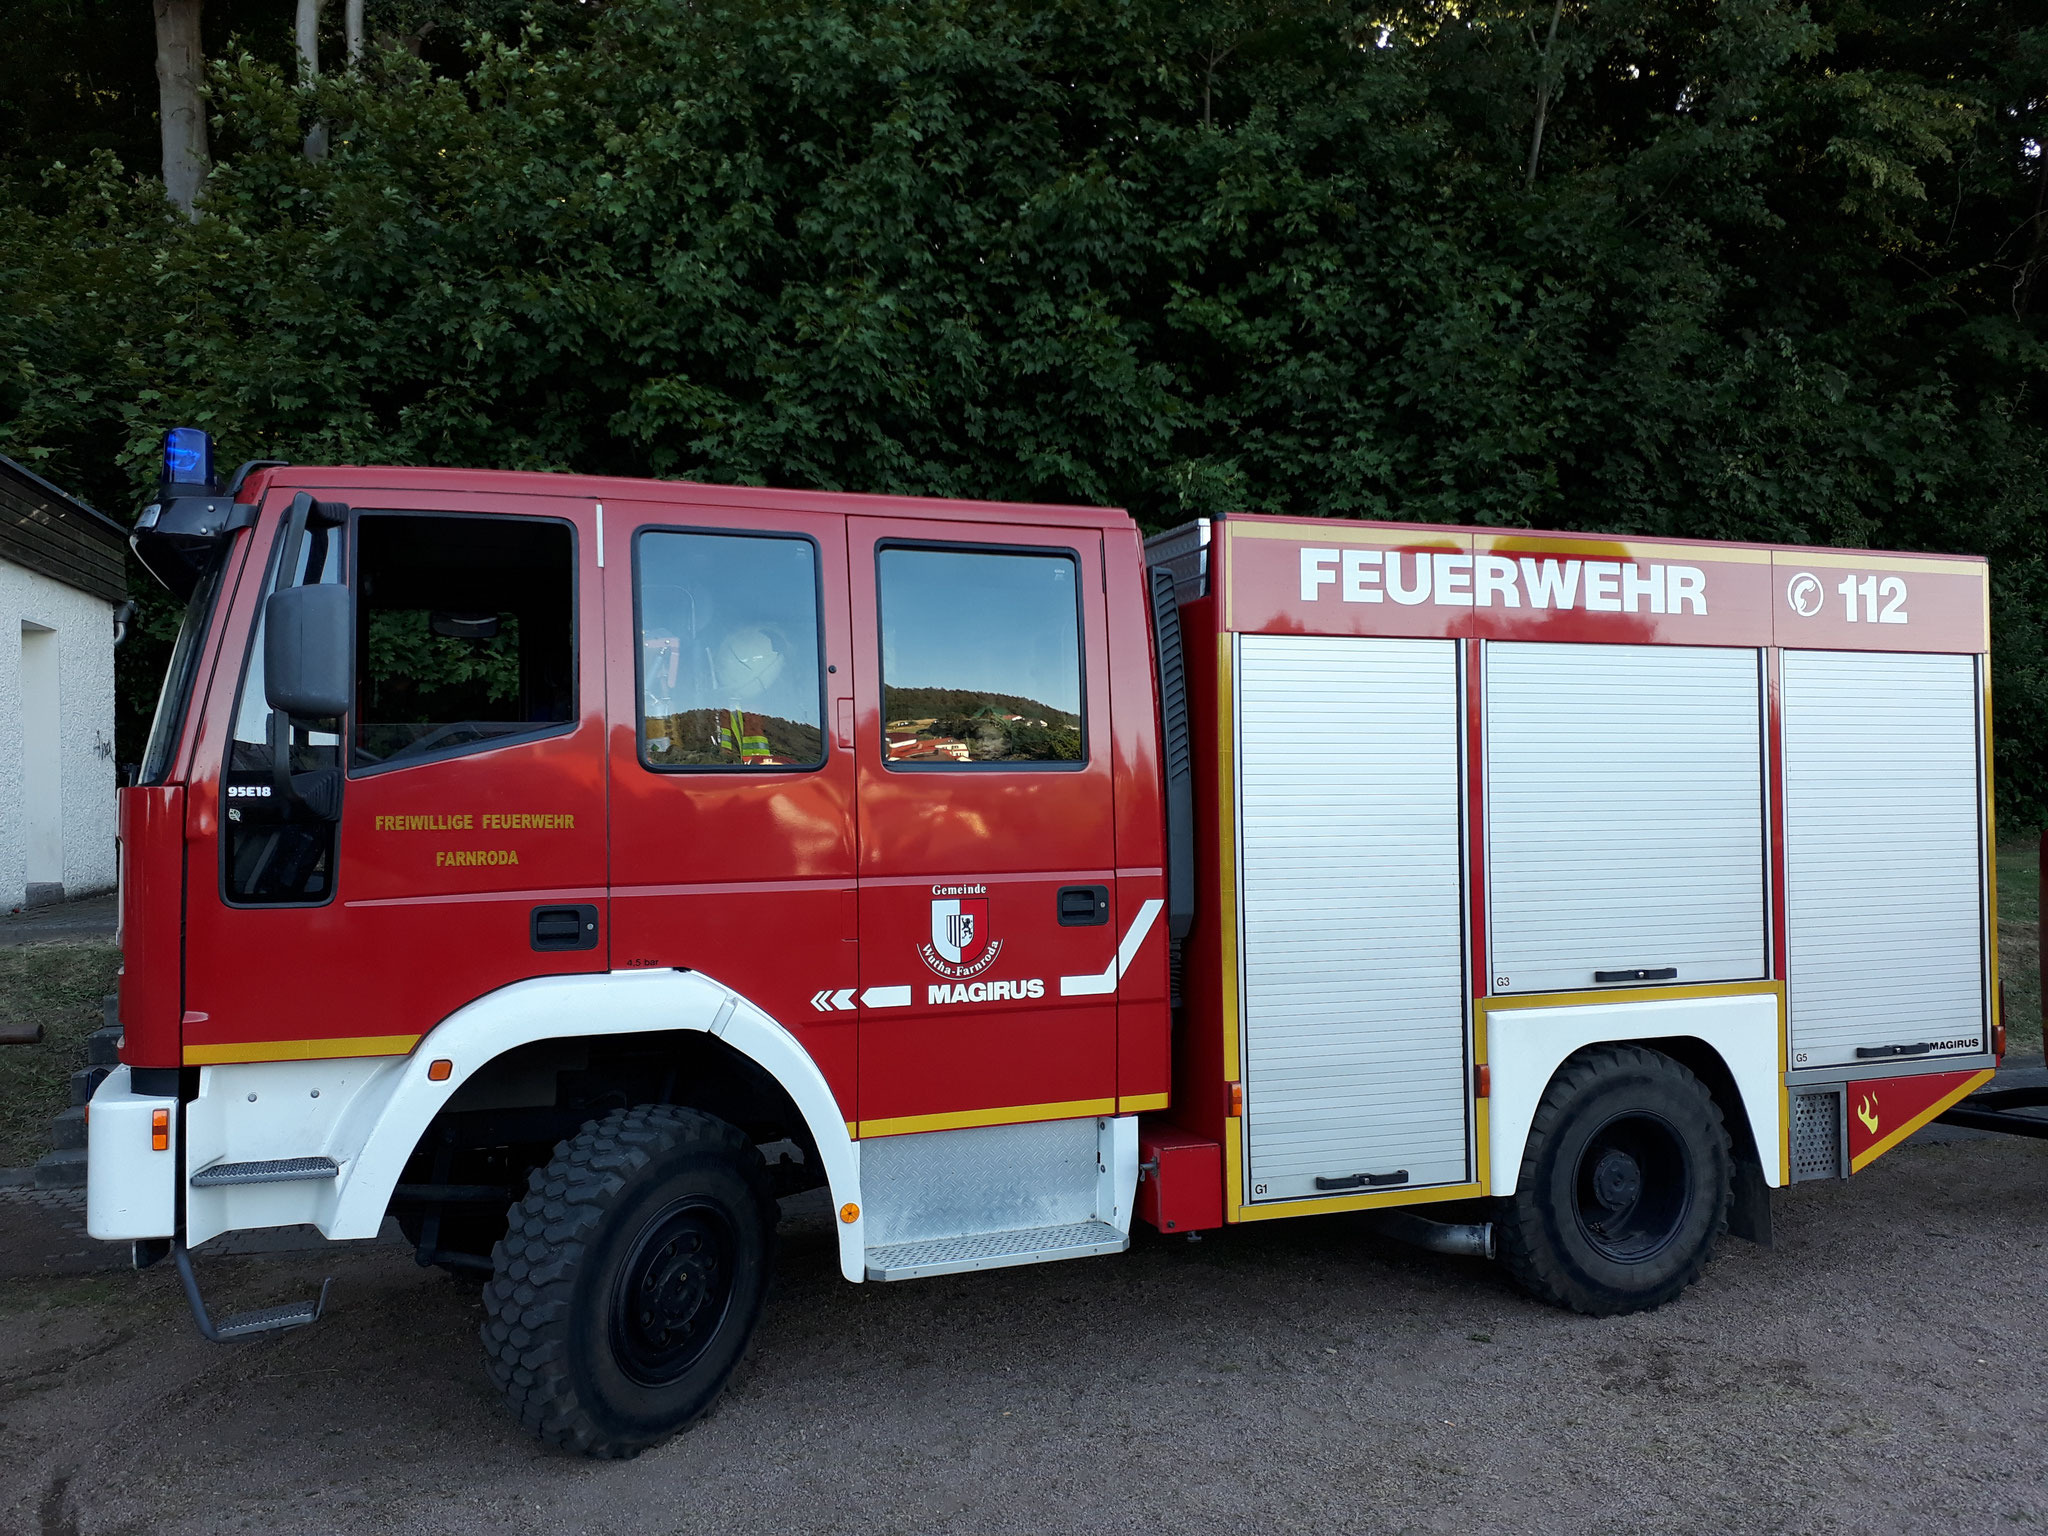 Suchbild... wo ist der Feuerwehrmann? :)